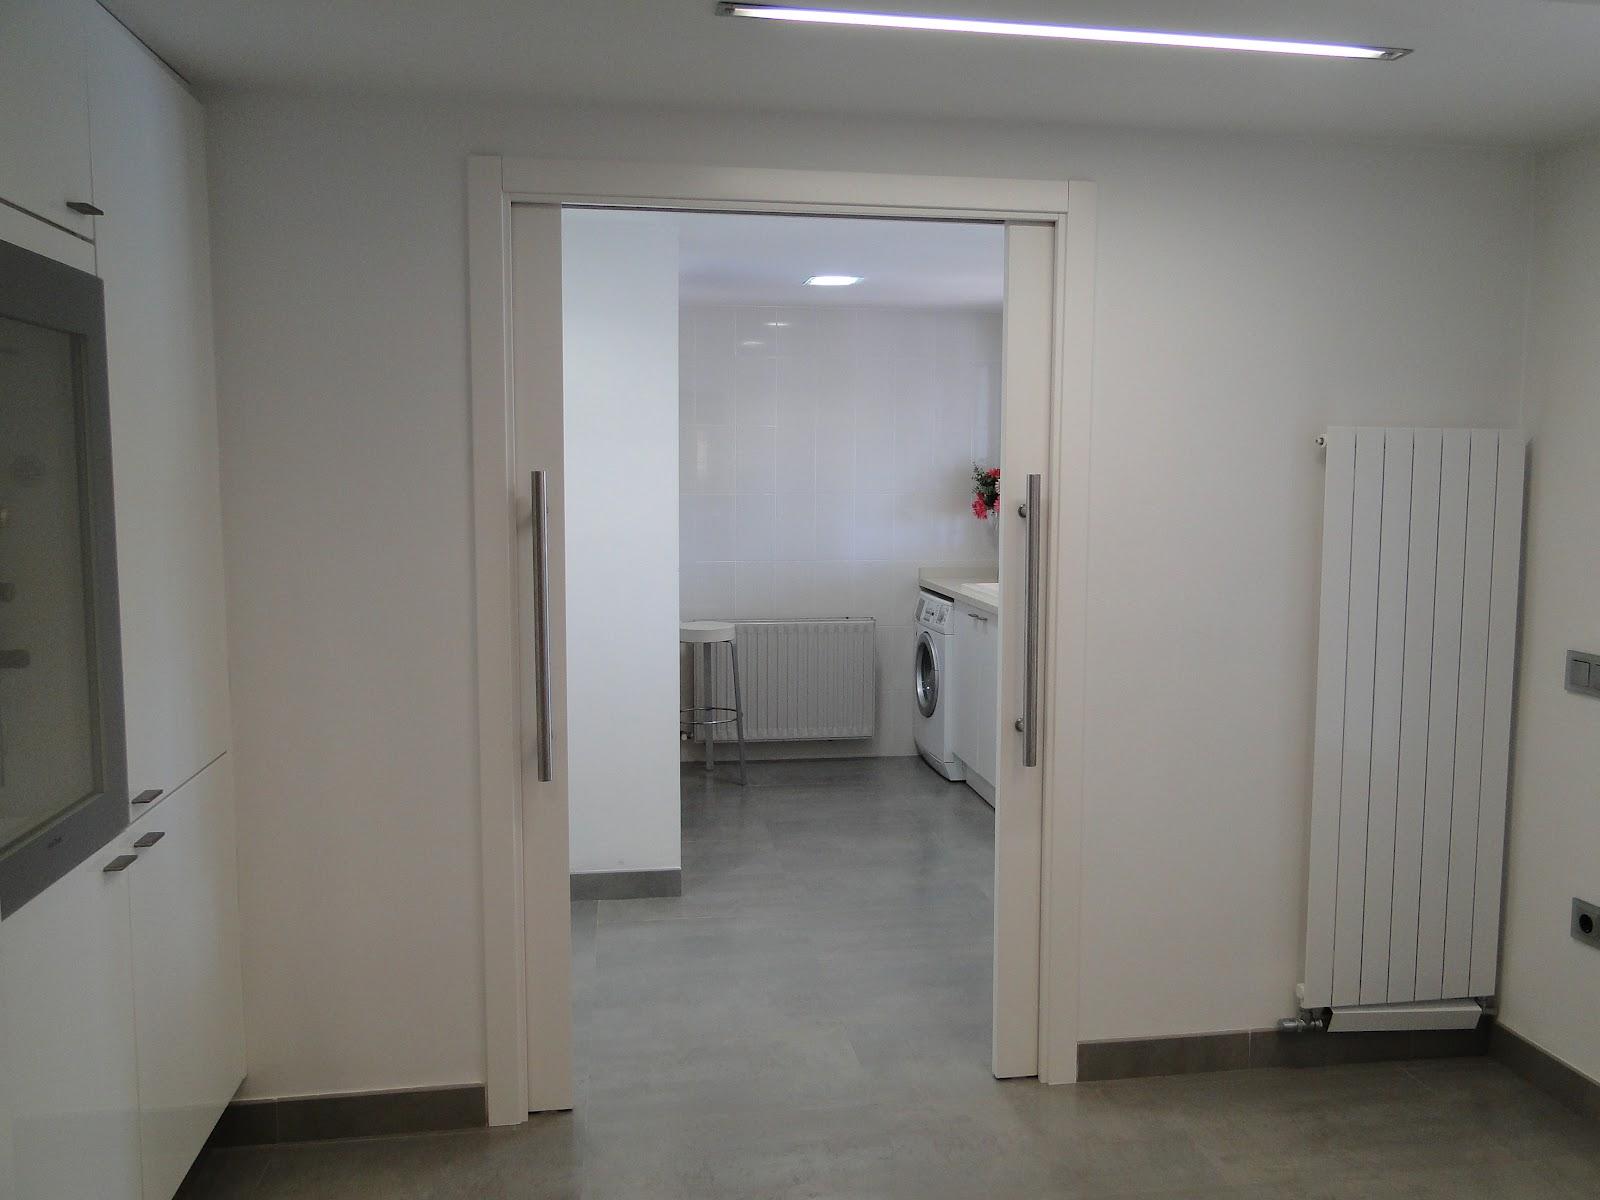 Planos low cost cocina con pen nsula for Puerta lavadero